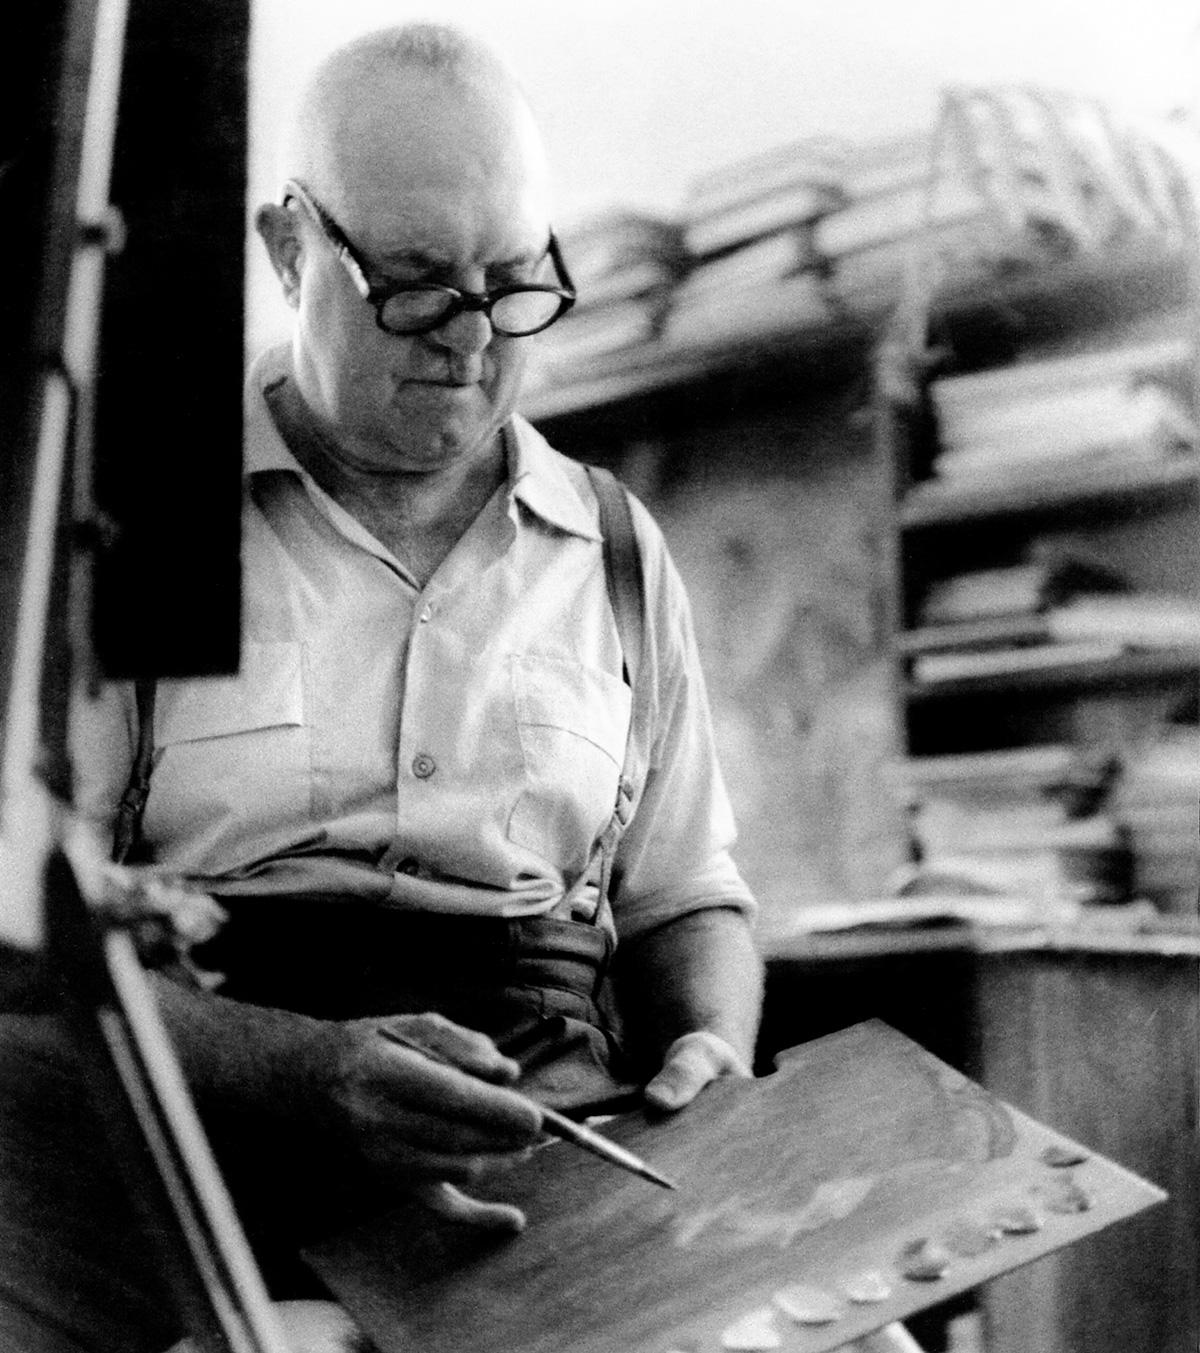 Guignard em seu ateliê na casa do amigo Santiago Americano Freire: o pintor costumava assaltar a geladeira de madrugada, em busca de pudins e arroz-doce, sua sobremesa predileta